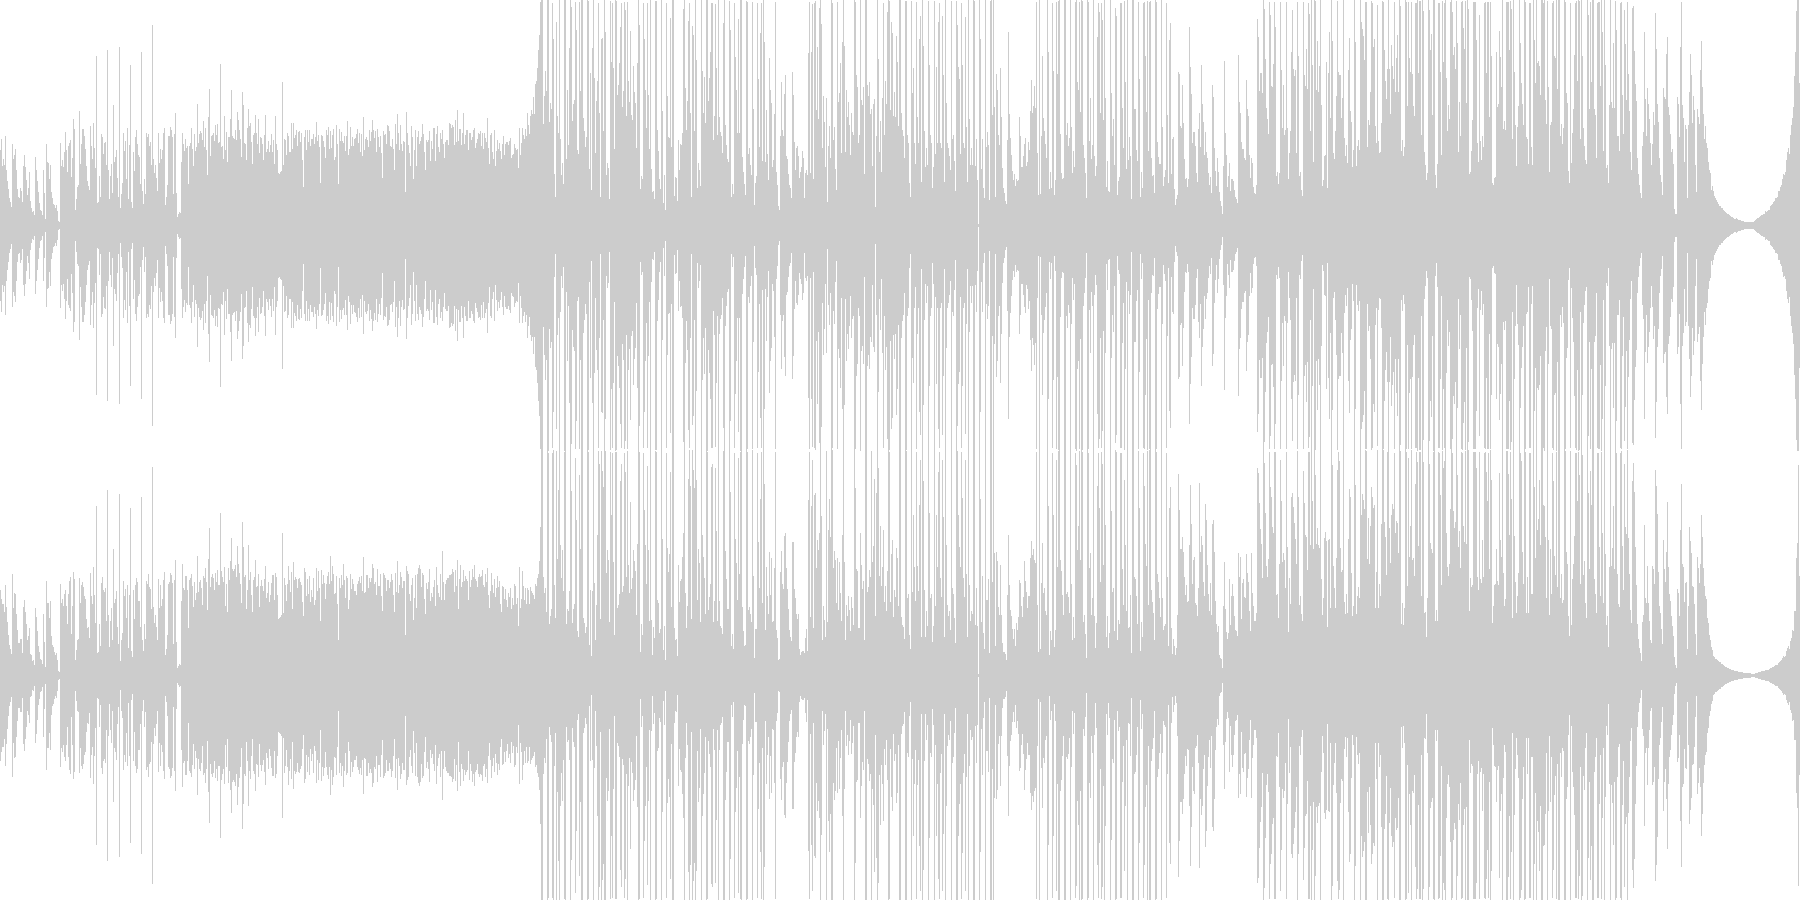 Bitterの未再生の波形